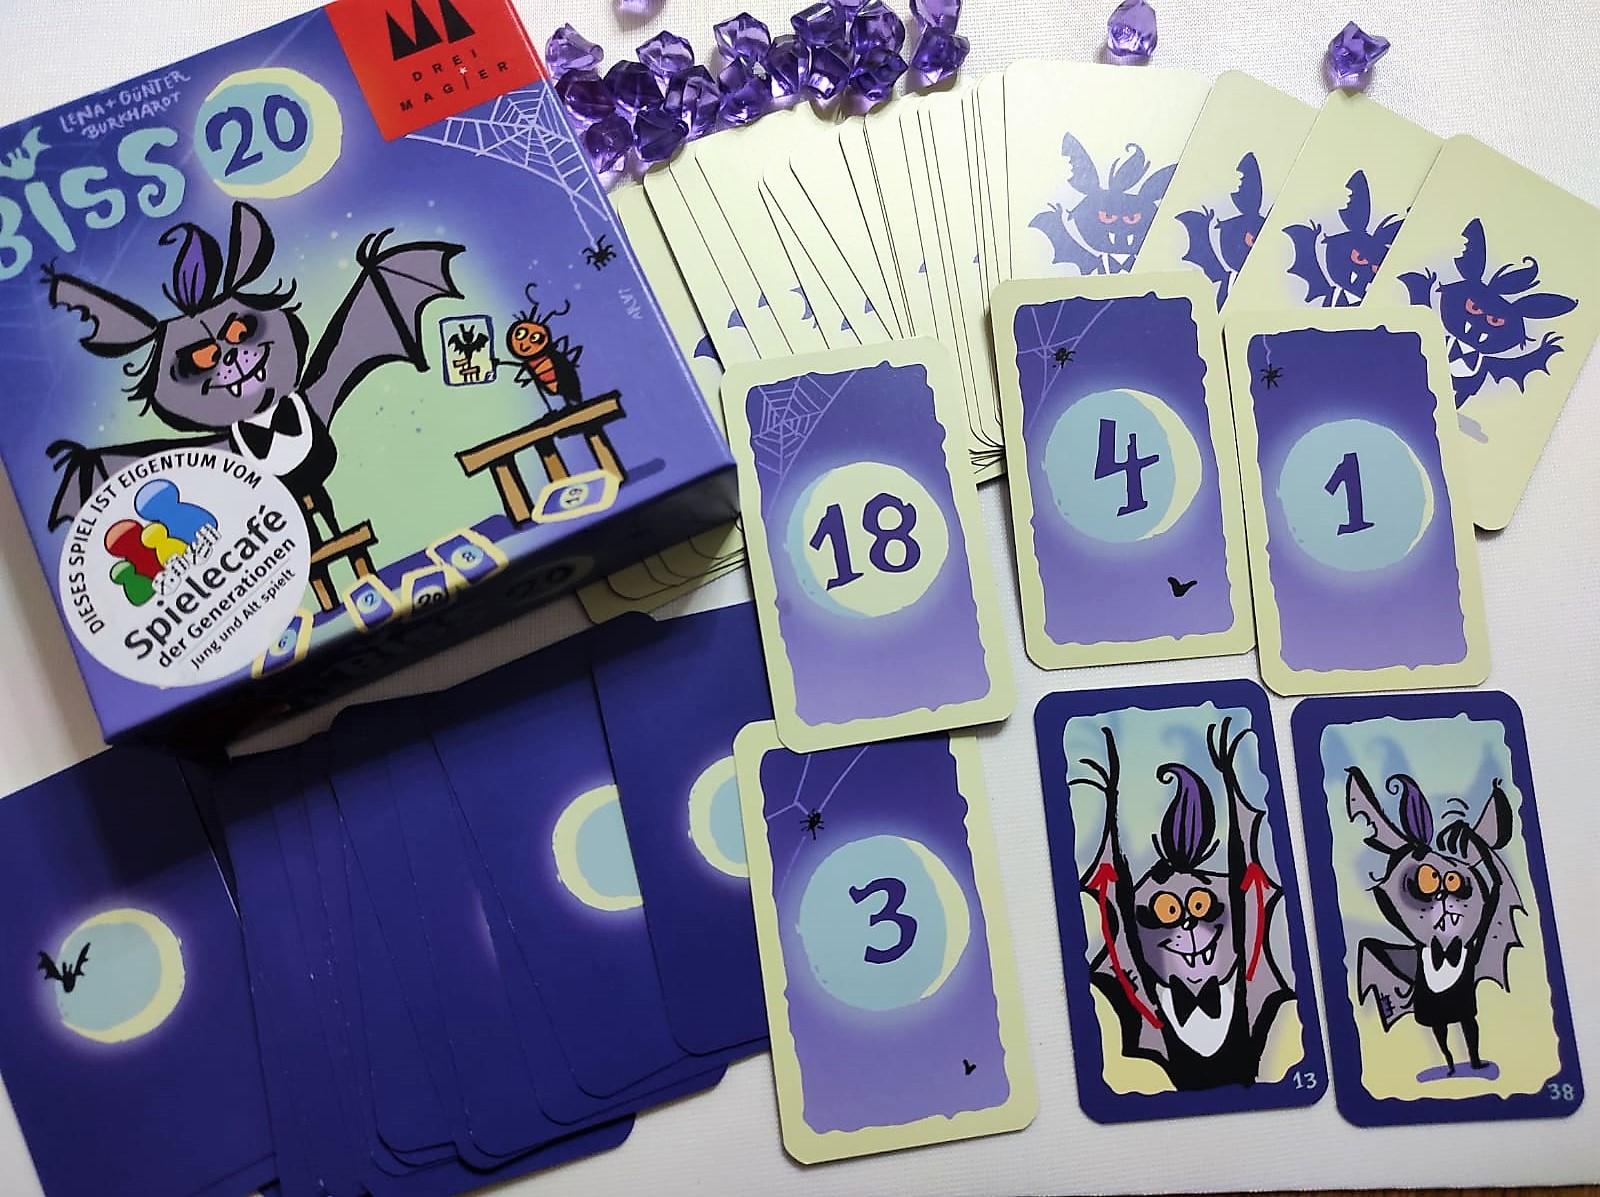 Ein Blick auf das Material mit den Zahlenkarten